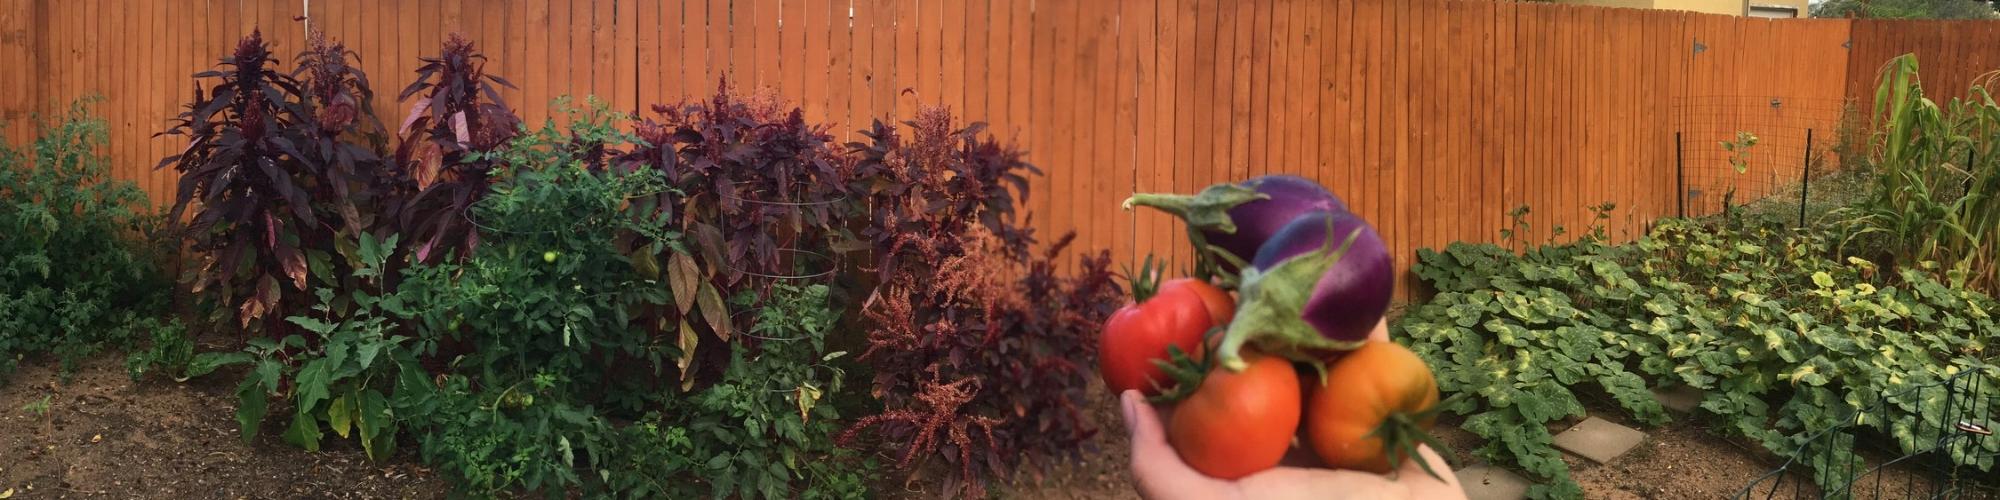 Tomato harvest (1).jpg